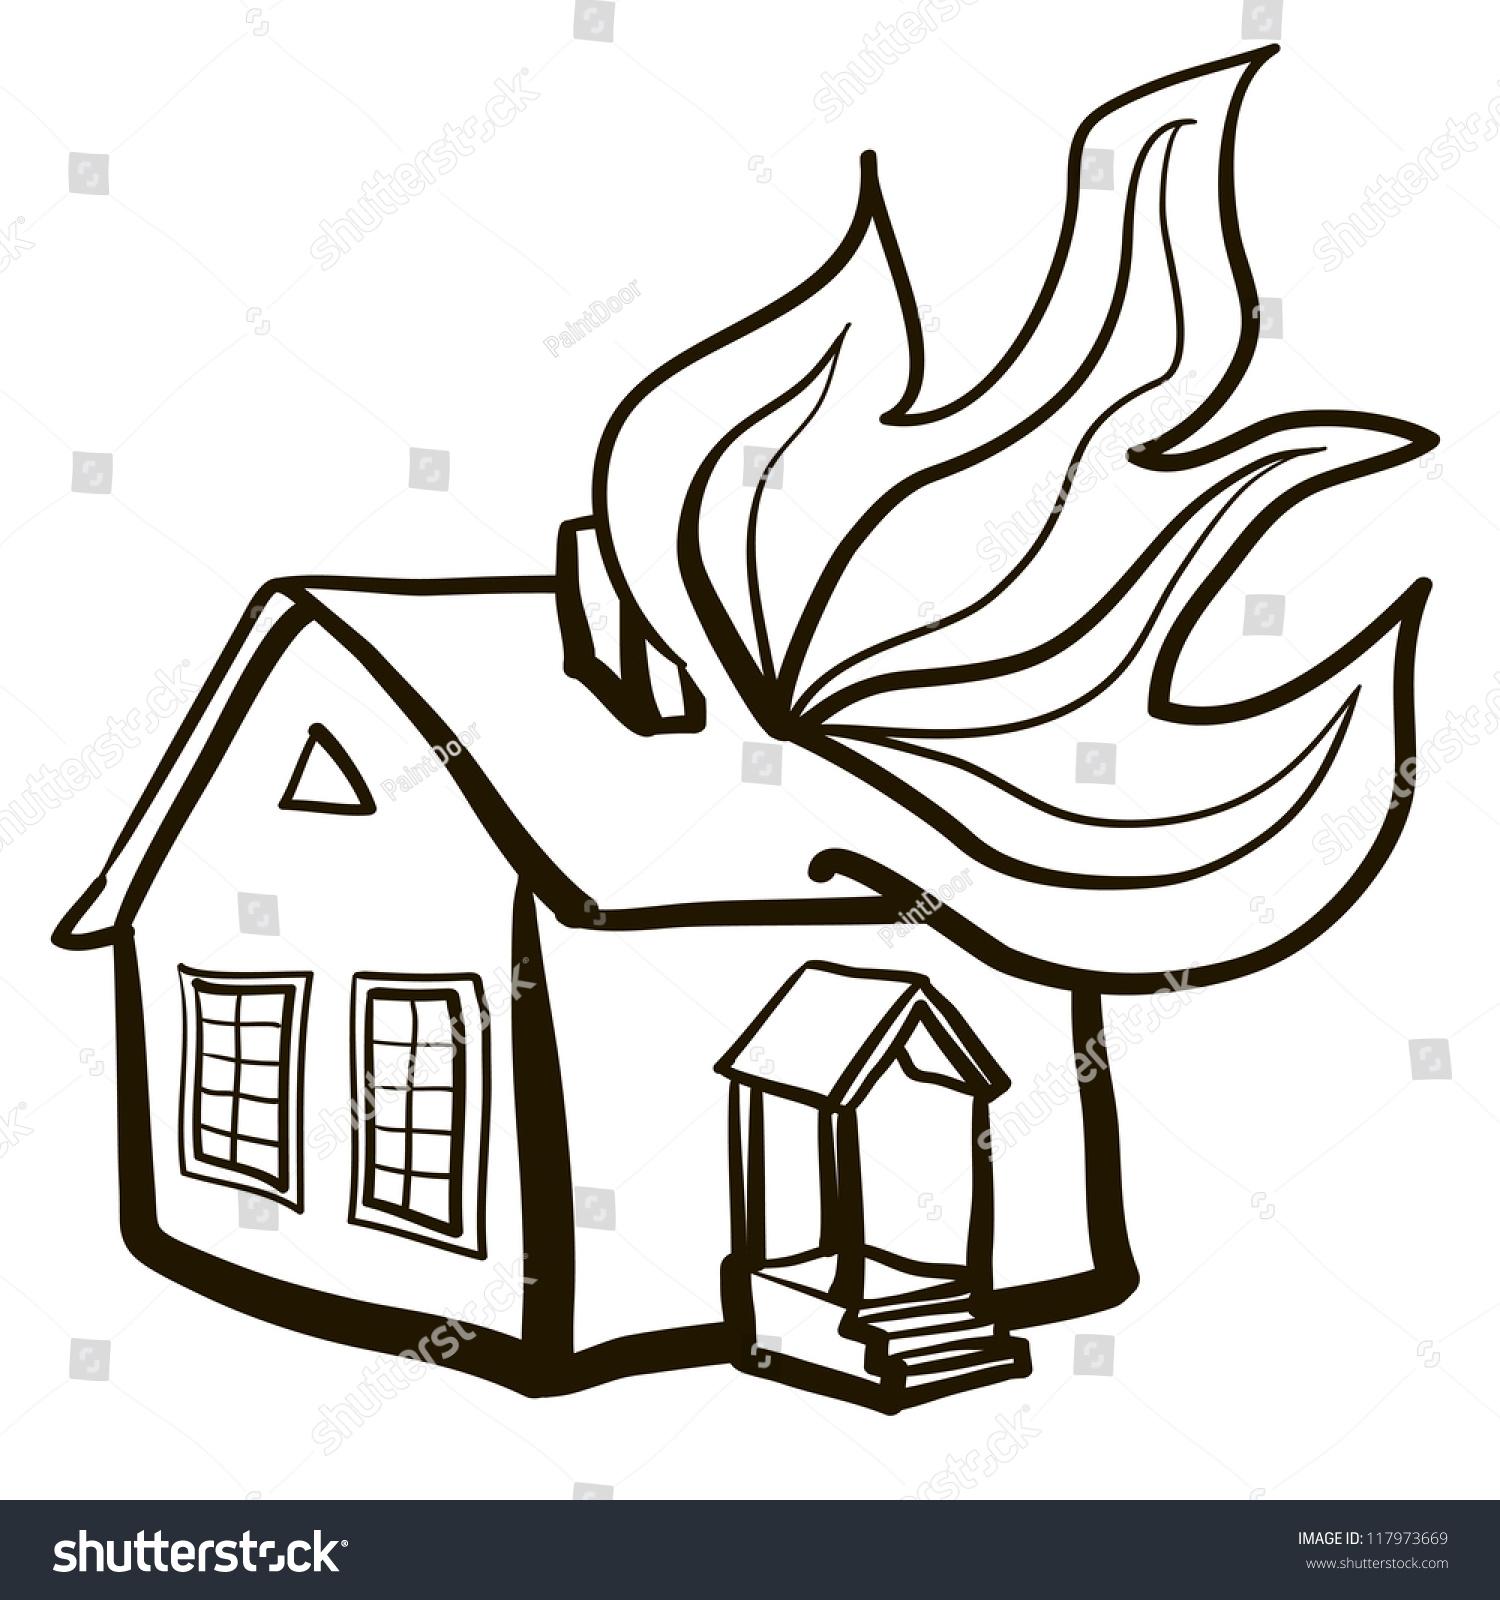 clipart burning house - photo #10